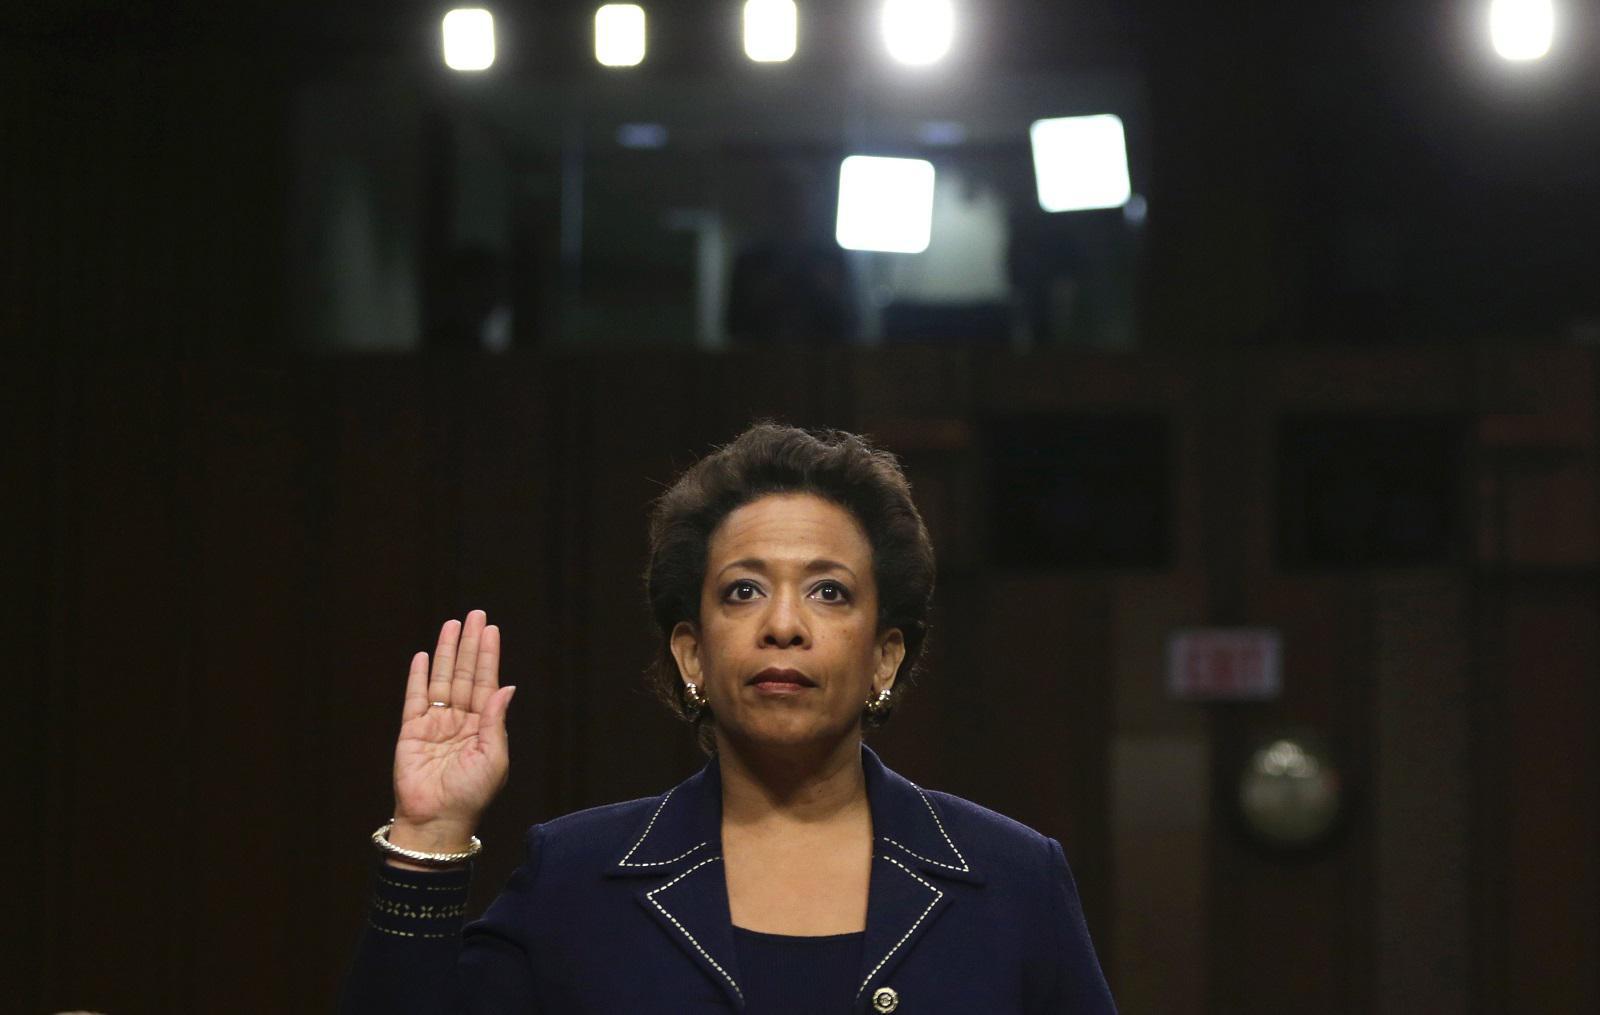 Outlook: Senators See Progress on Trafficking Bill, Lynch Nomination